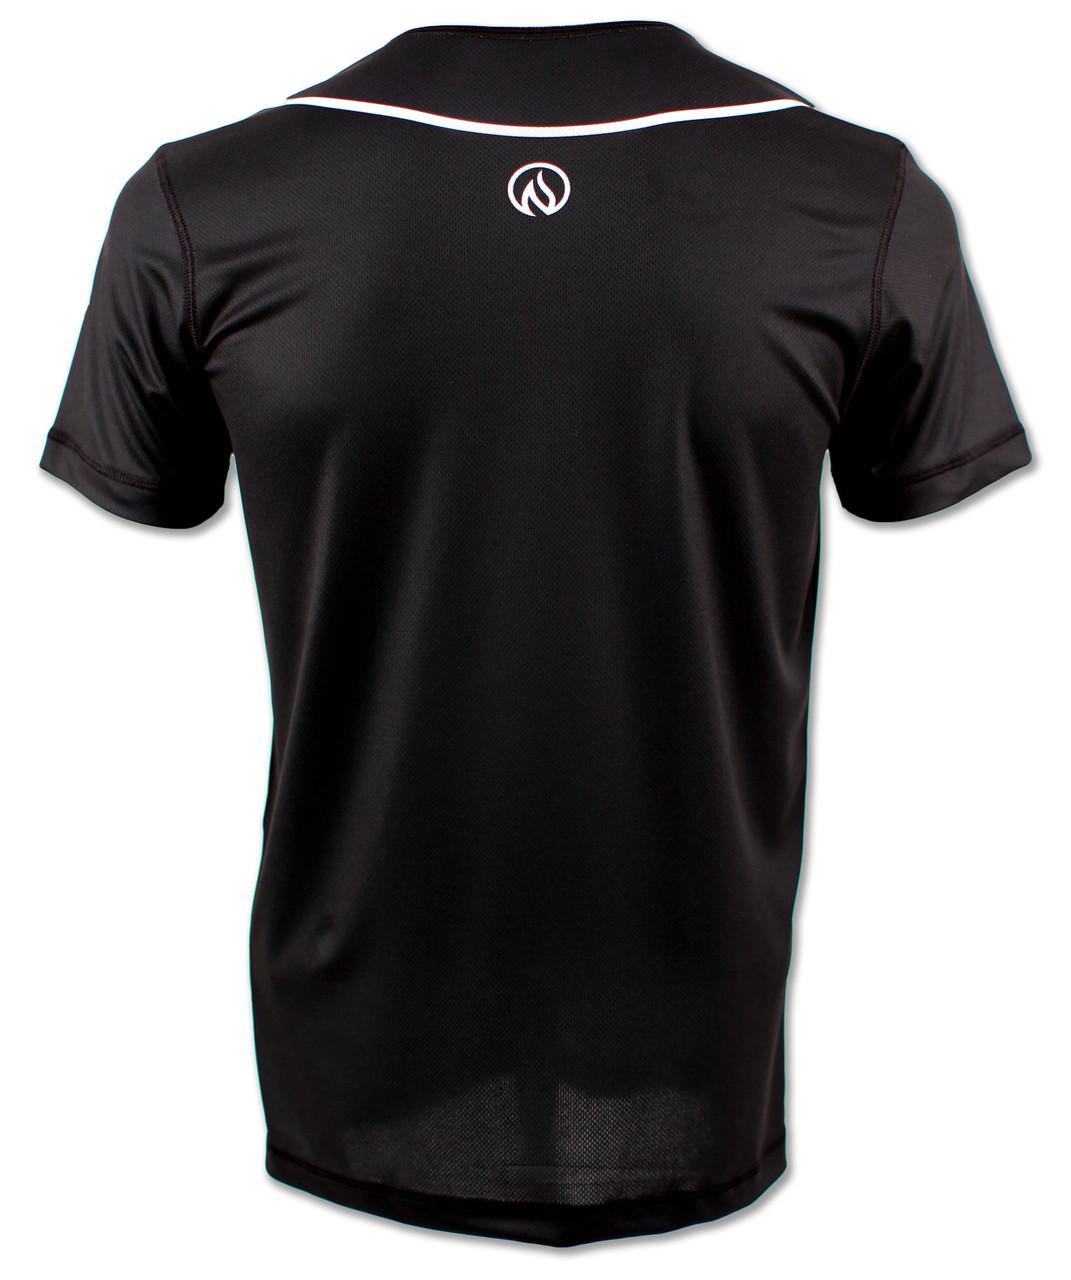 INKnBURN Mens Tuxedo Running Shirt - Back